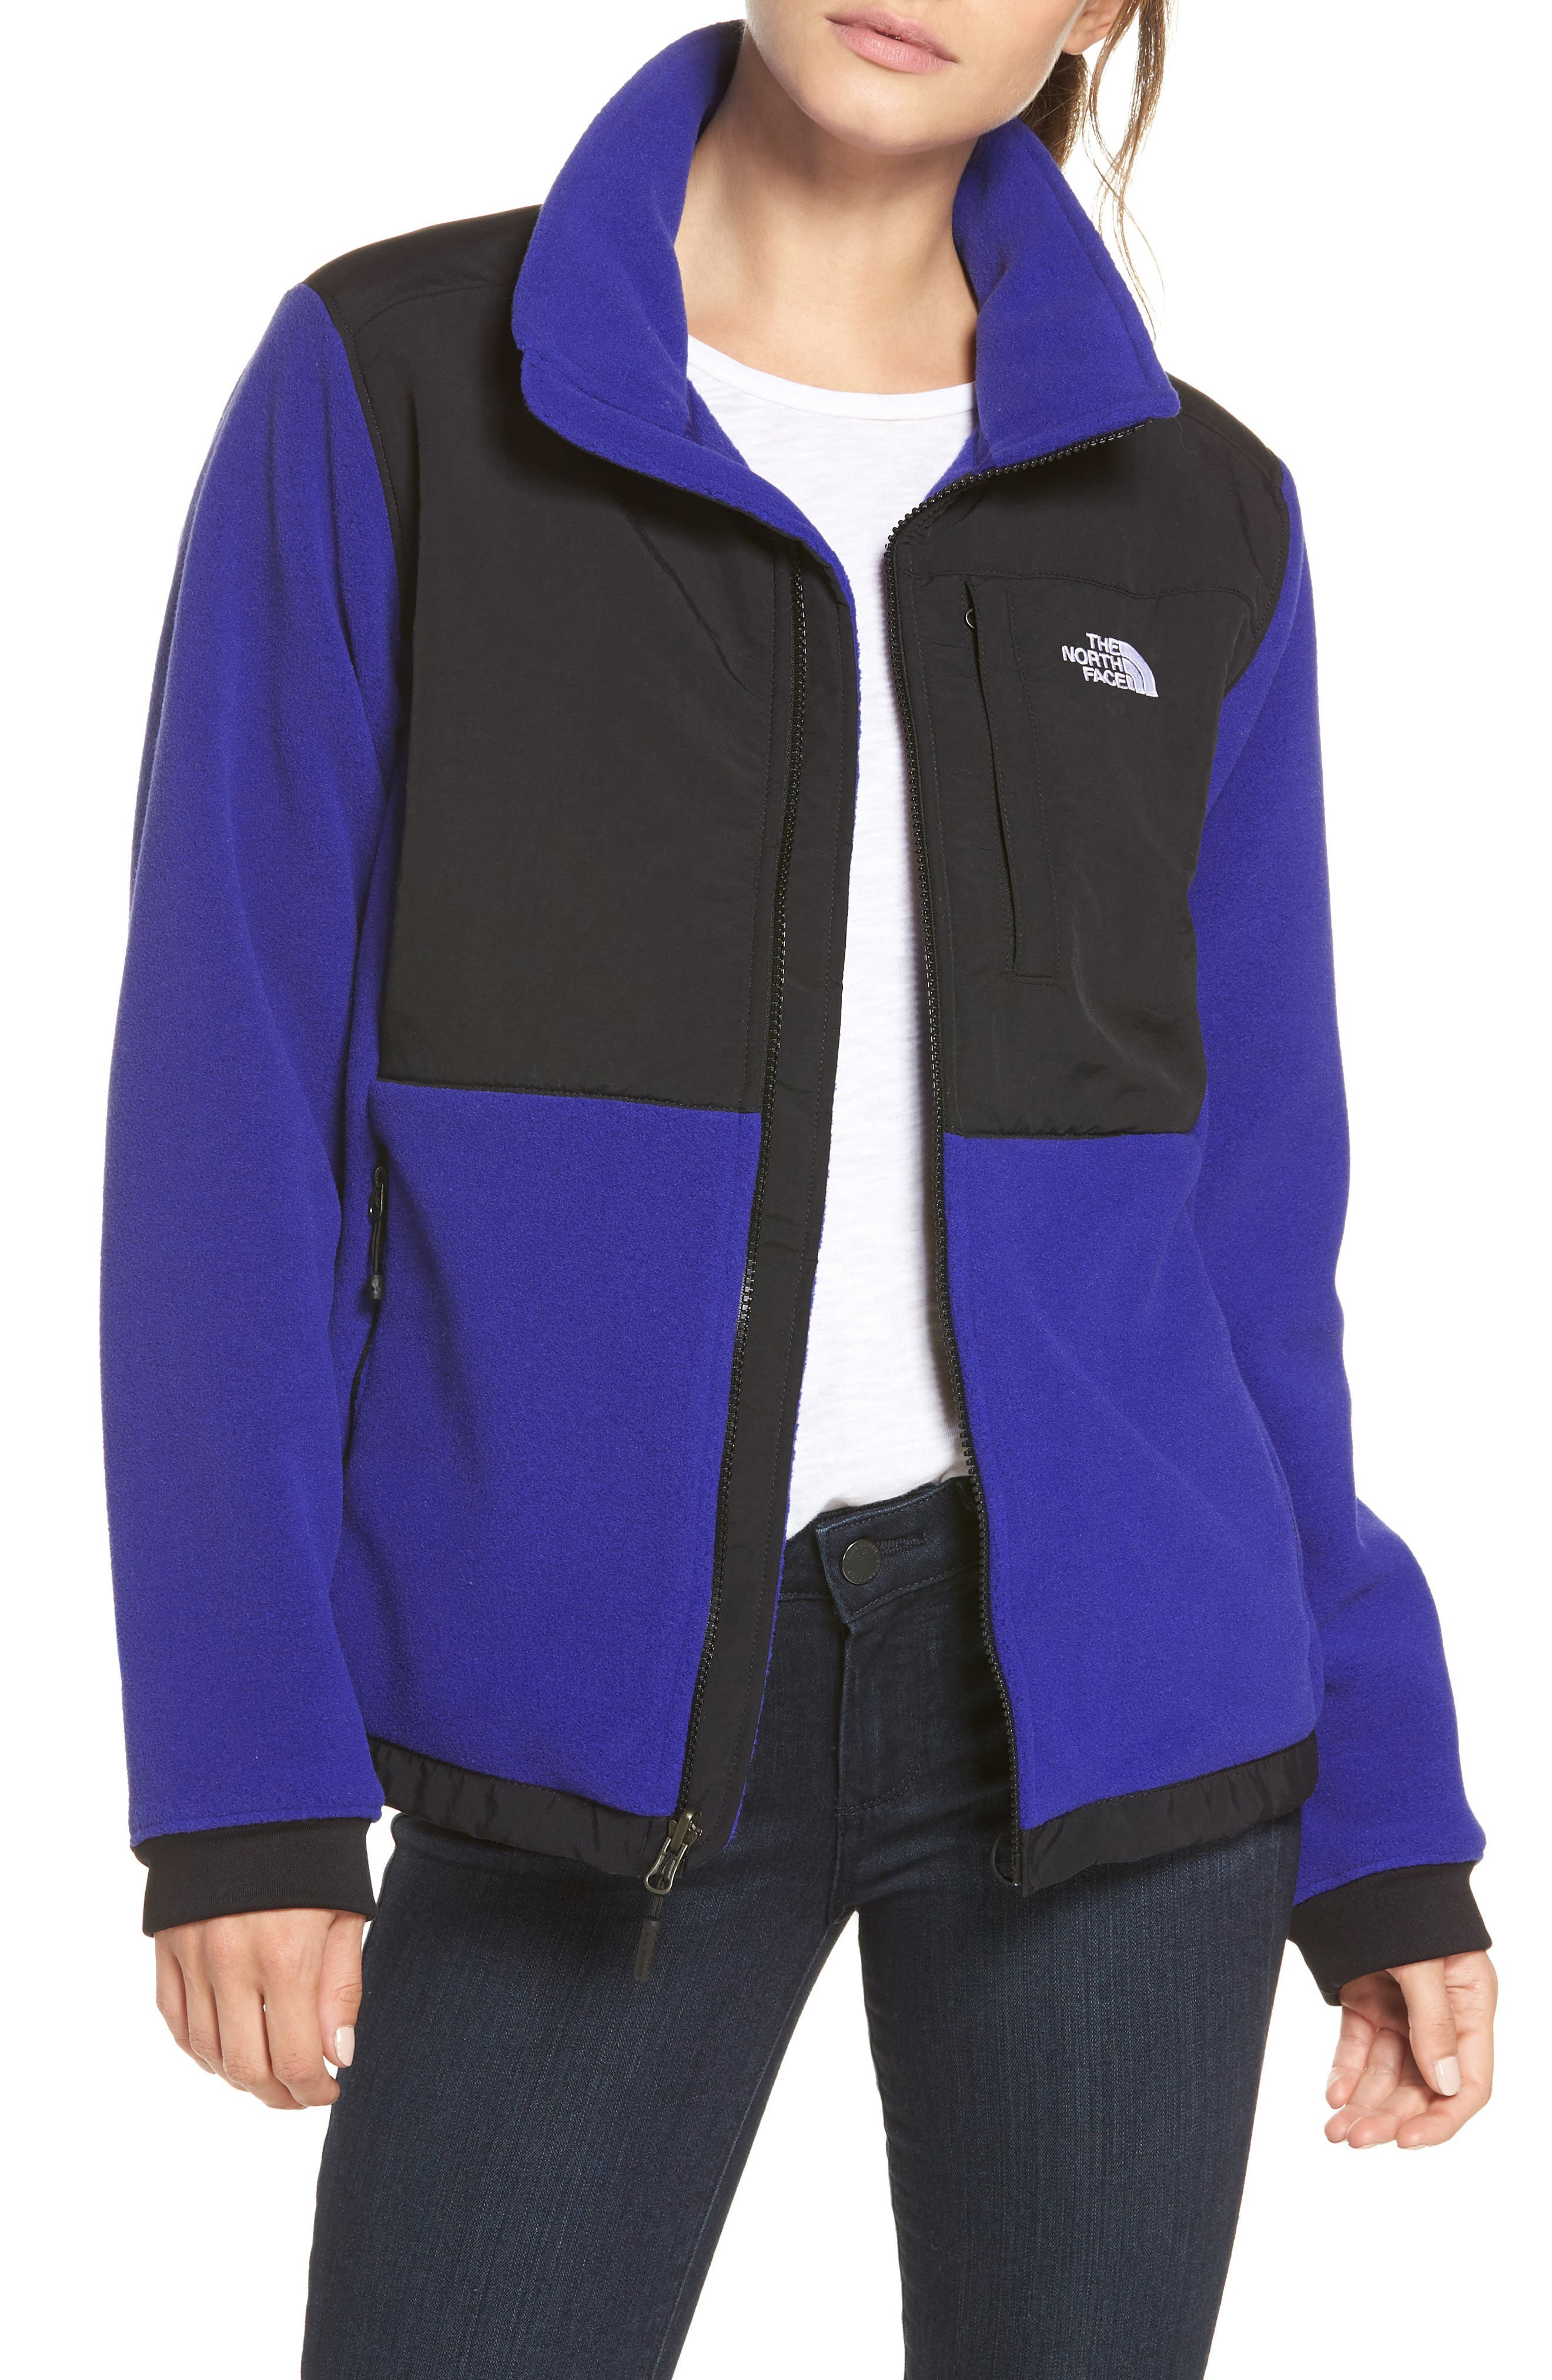 Denali 2 Jacket,                             Main thumbnail 1, color,                             LAPIS BLUE/ TNF BLACK